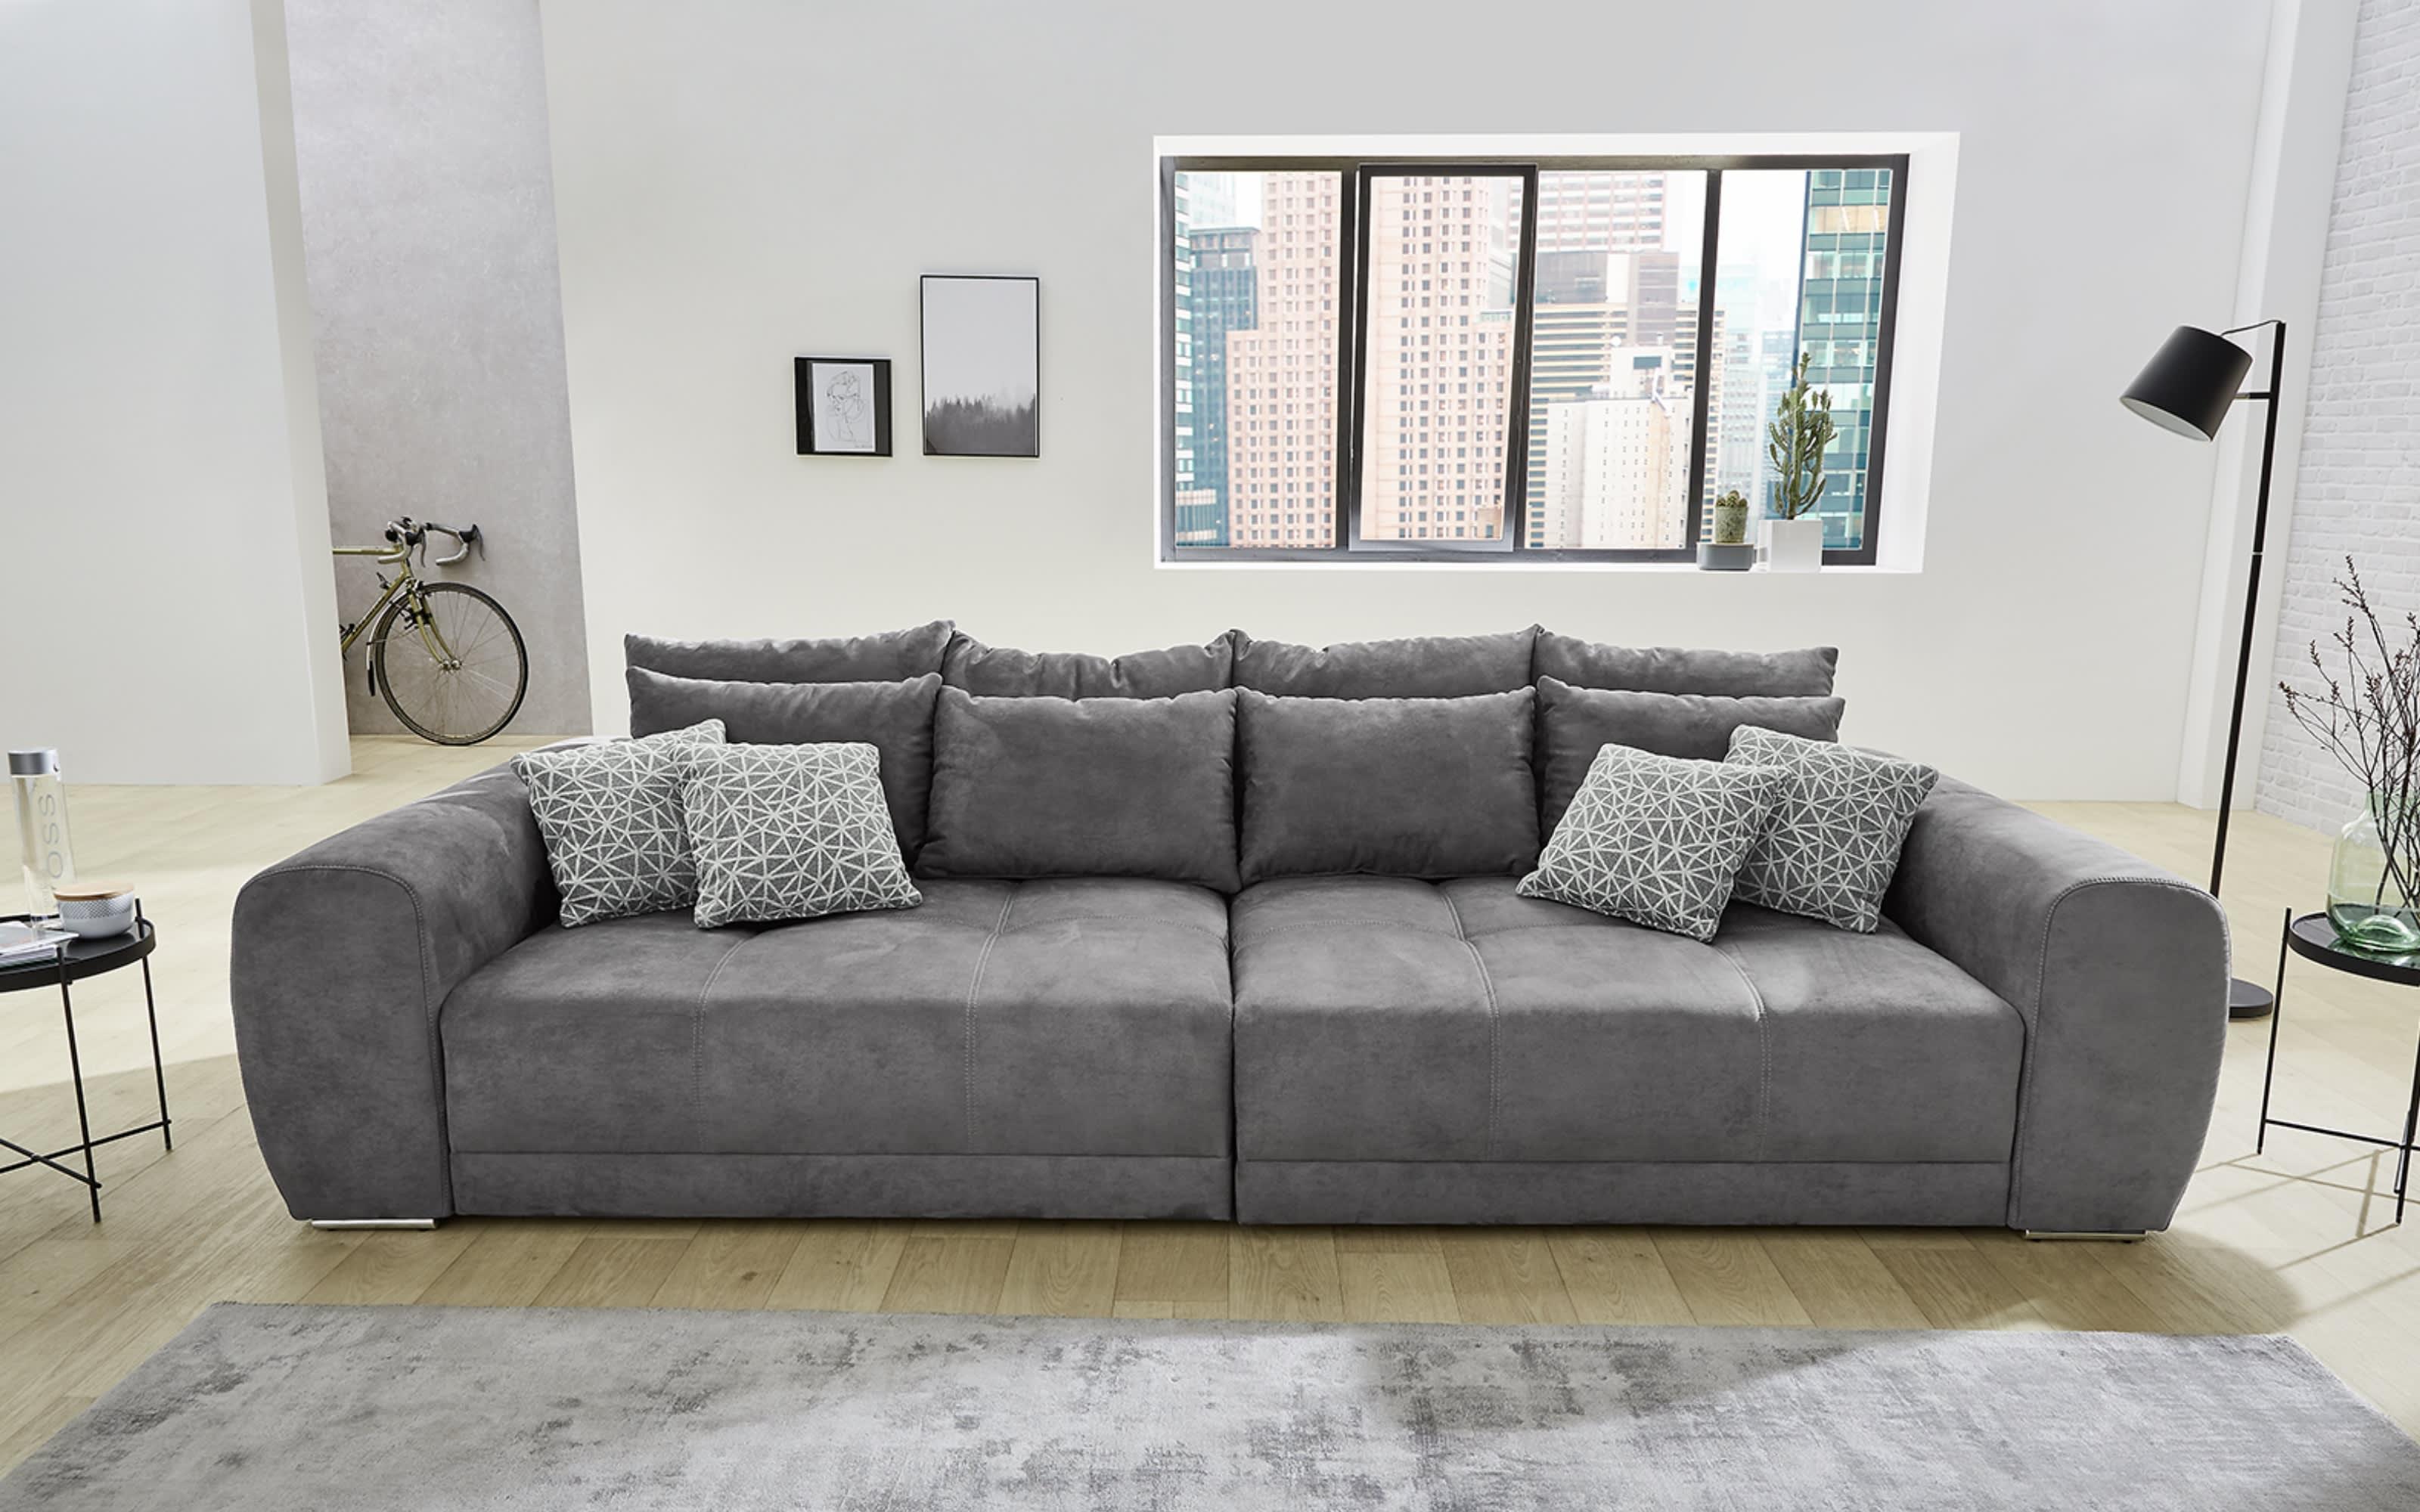 Big Sofa in grau inkl. Kissen und Lieferung / 306 x 83 x 134cm